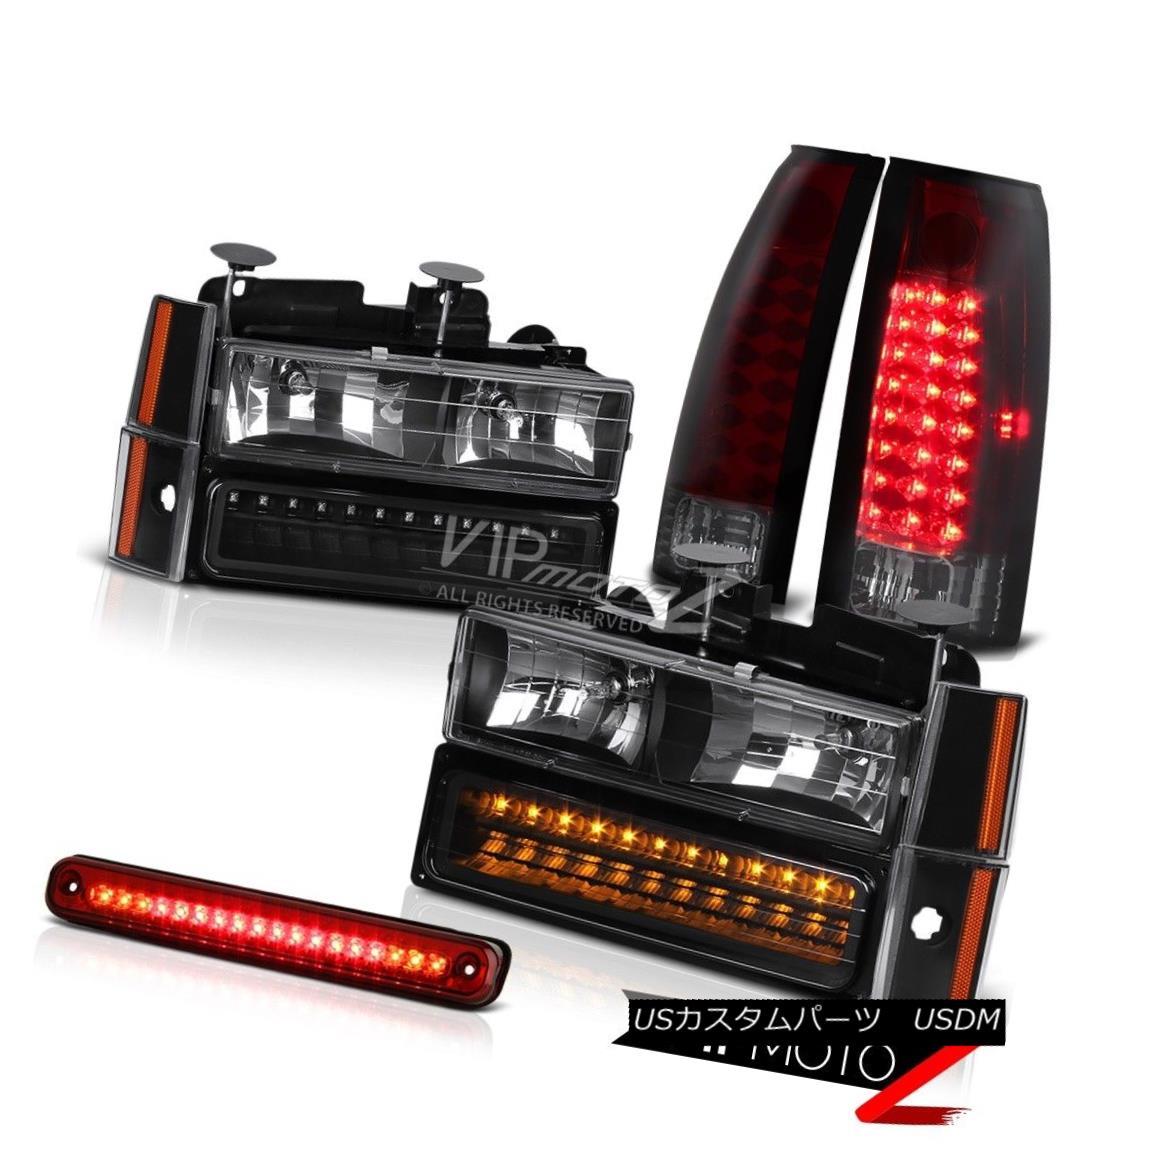 ヘッドライト 11PC Combo Black Headlight+LED Bumper+Corner Lamp+LED Tail Light+3RD Brake Cab 11PCコンボブラックヘッドライト+ LEDバンパー+コーナーランプ+ LEDテールライト+ 3RDブレーキキャブ